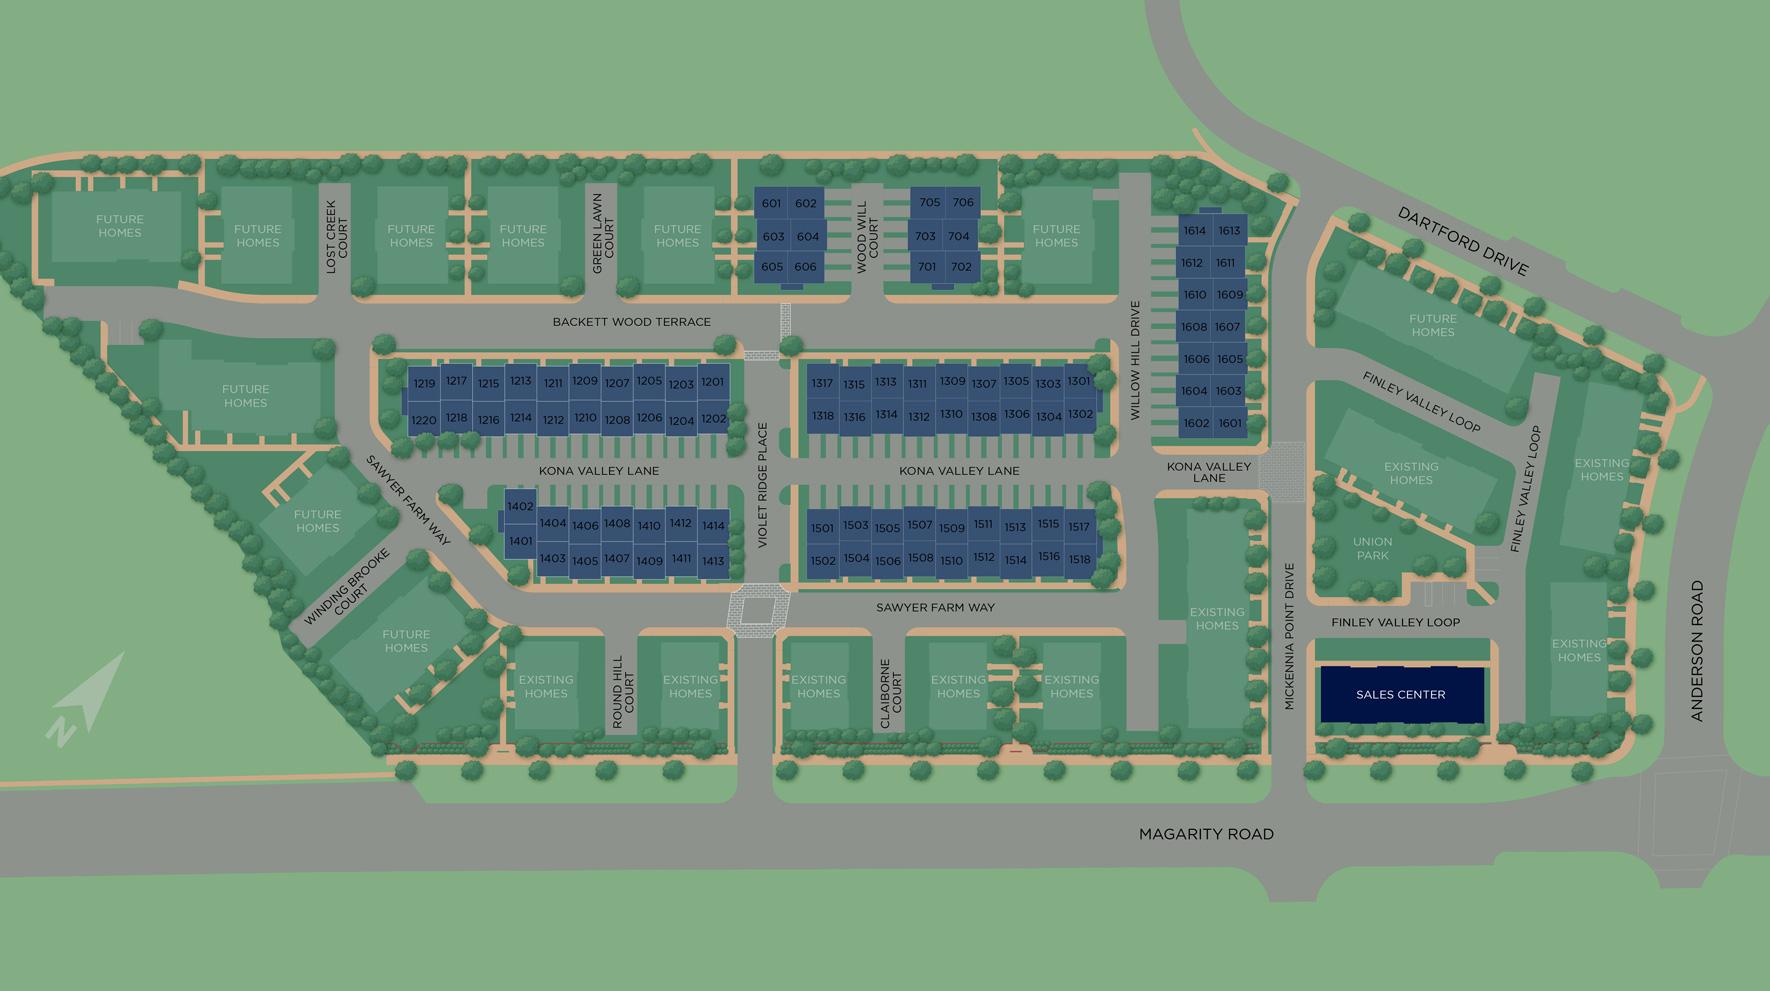 Union Park at McLean - The Lofts Site Plan